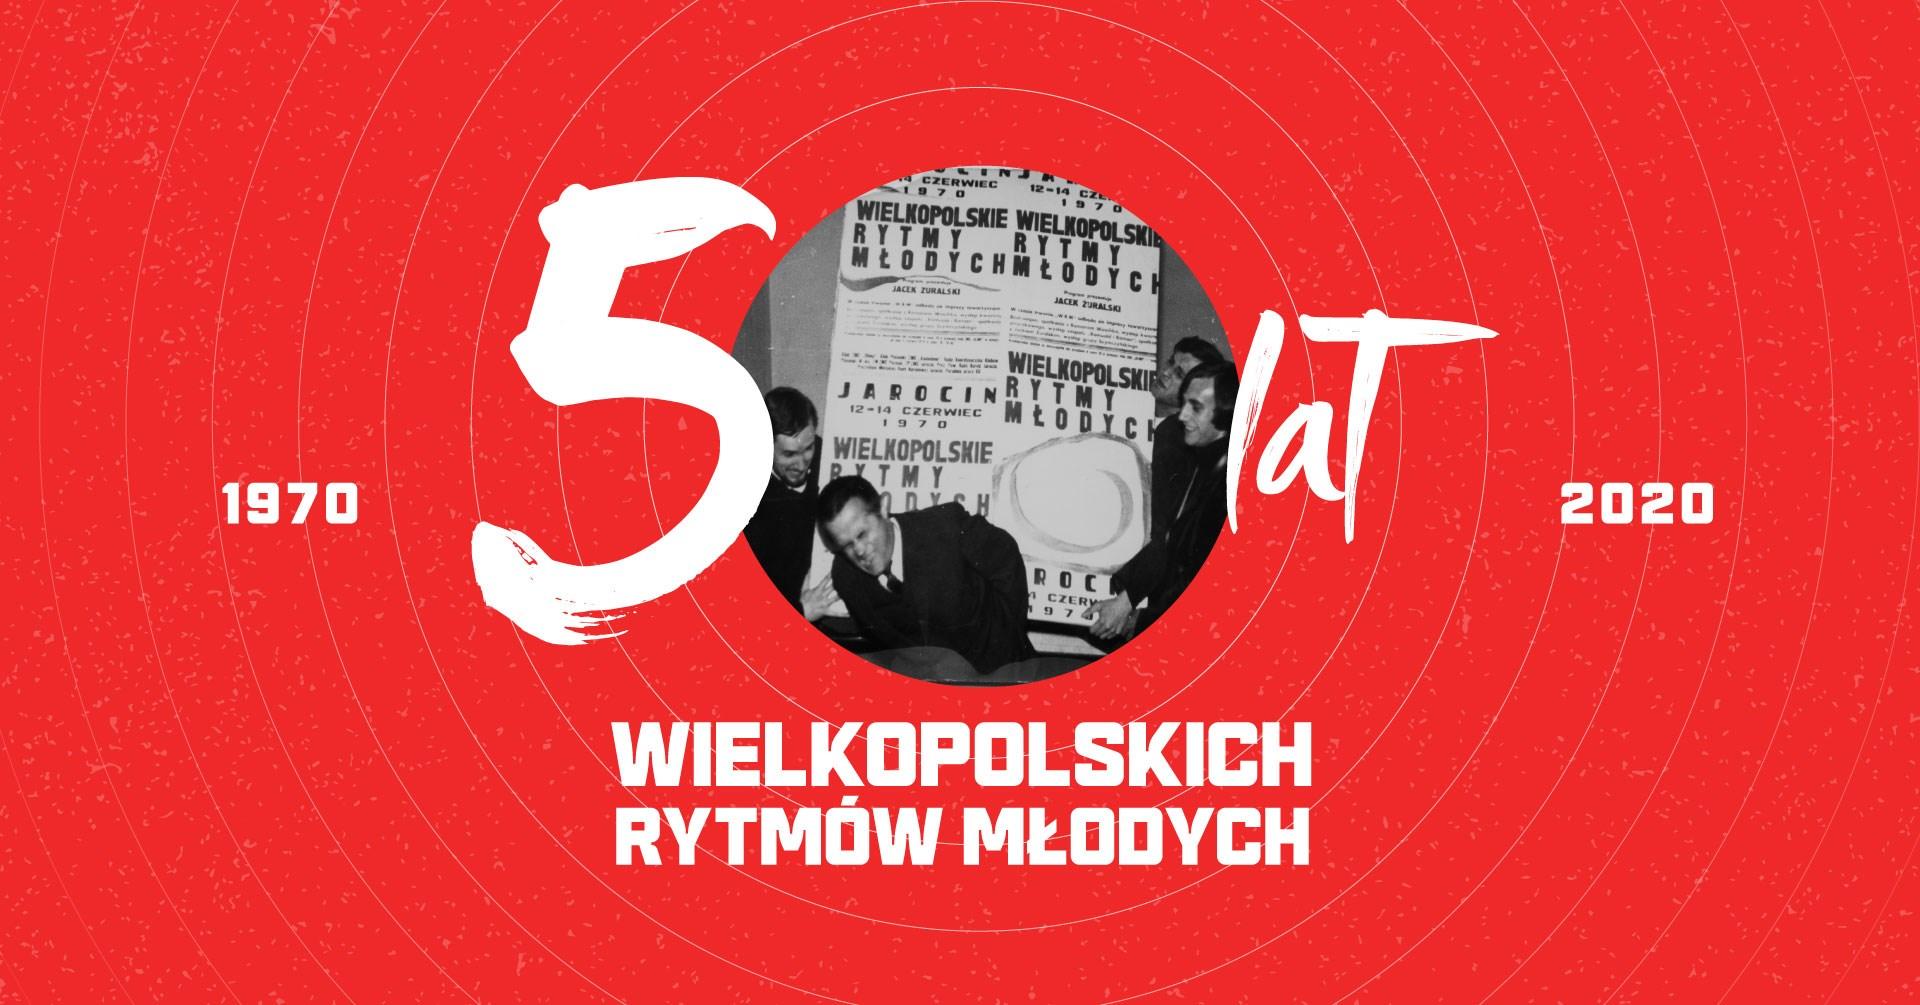 Rok 2020 pod znakiem Wielkopolskich Rytmów Młodych!